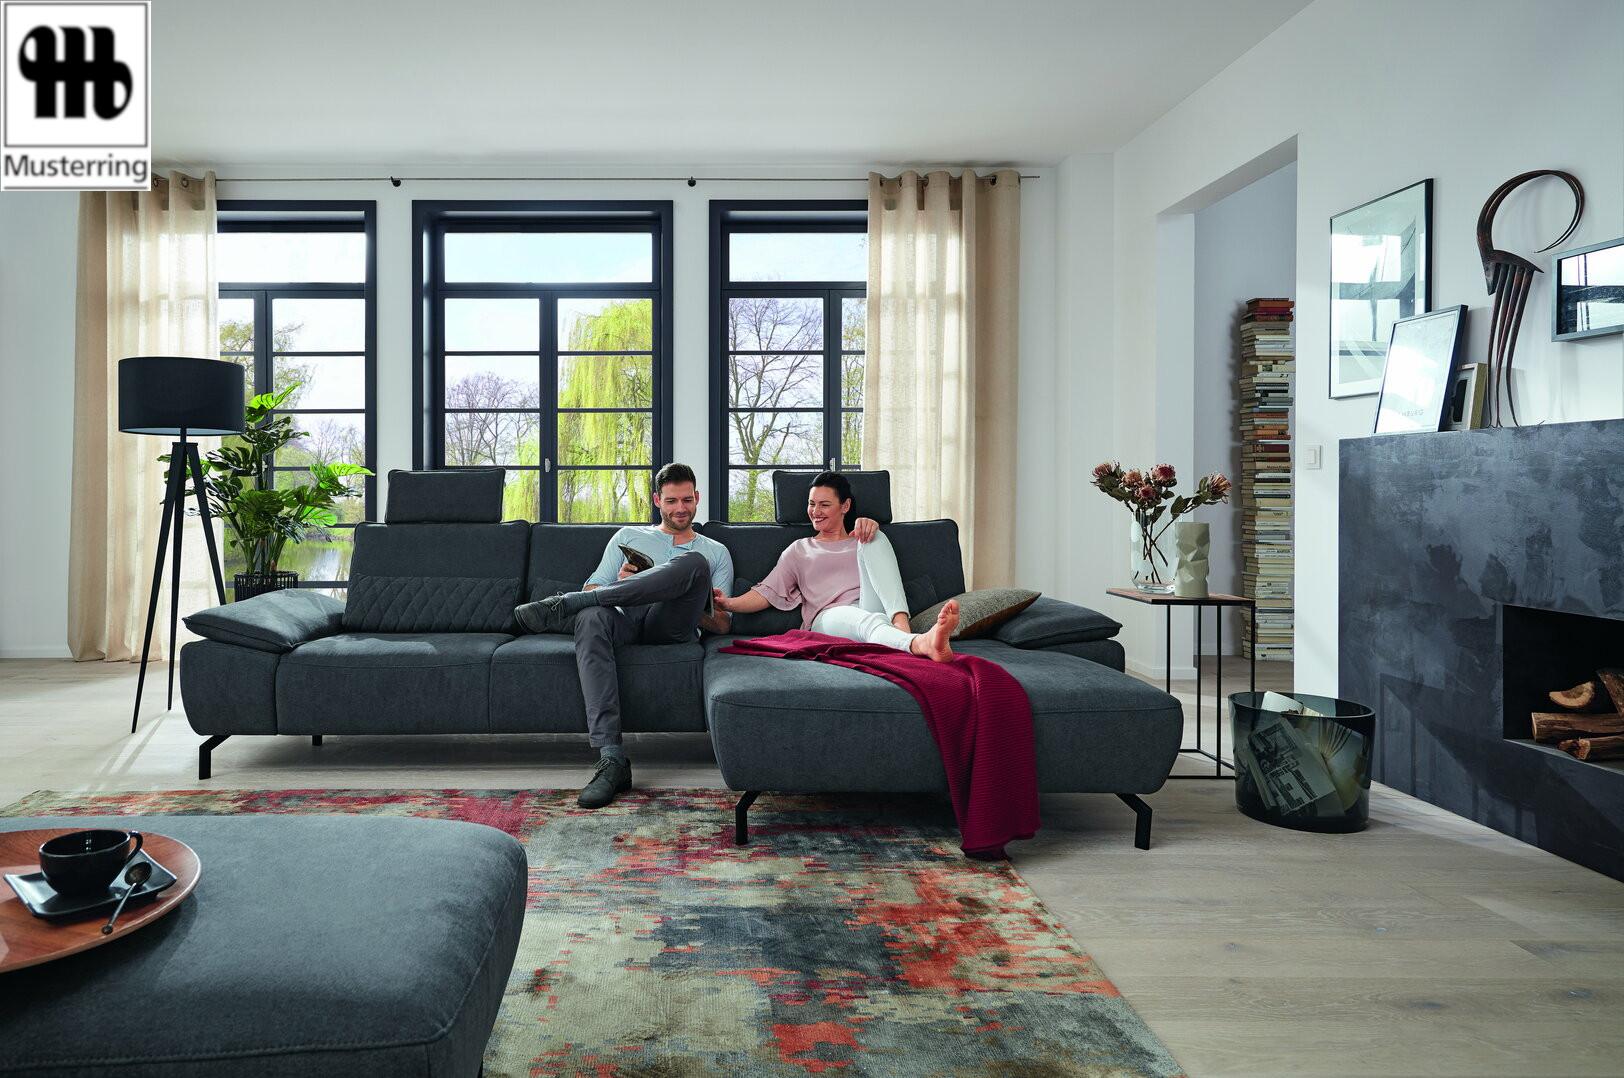 wohnzimmer einrichtung w rzburg tauberbischofsheim. Black Bedroom Furniture Sets. Home Design Ideas